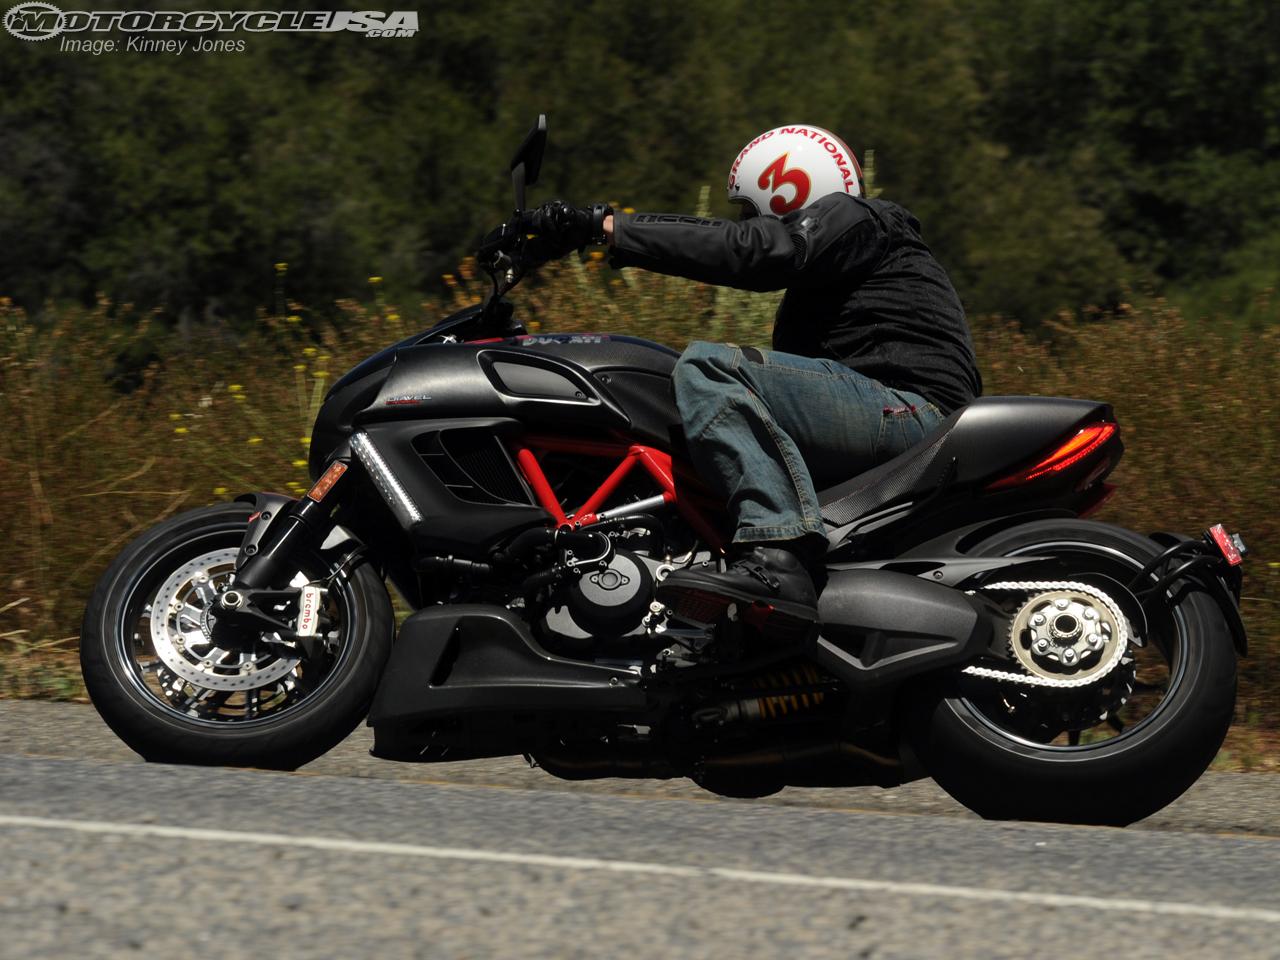 款杜卡迪Diavel摩托车图片2